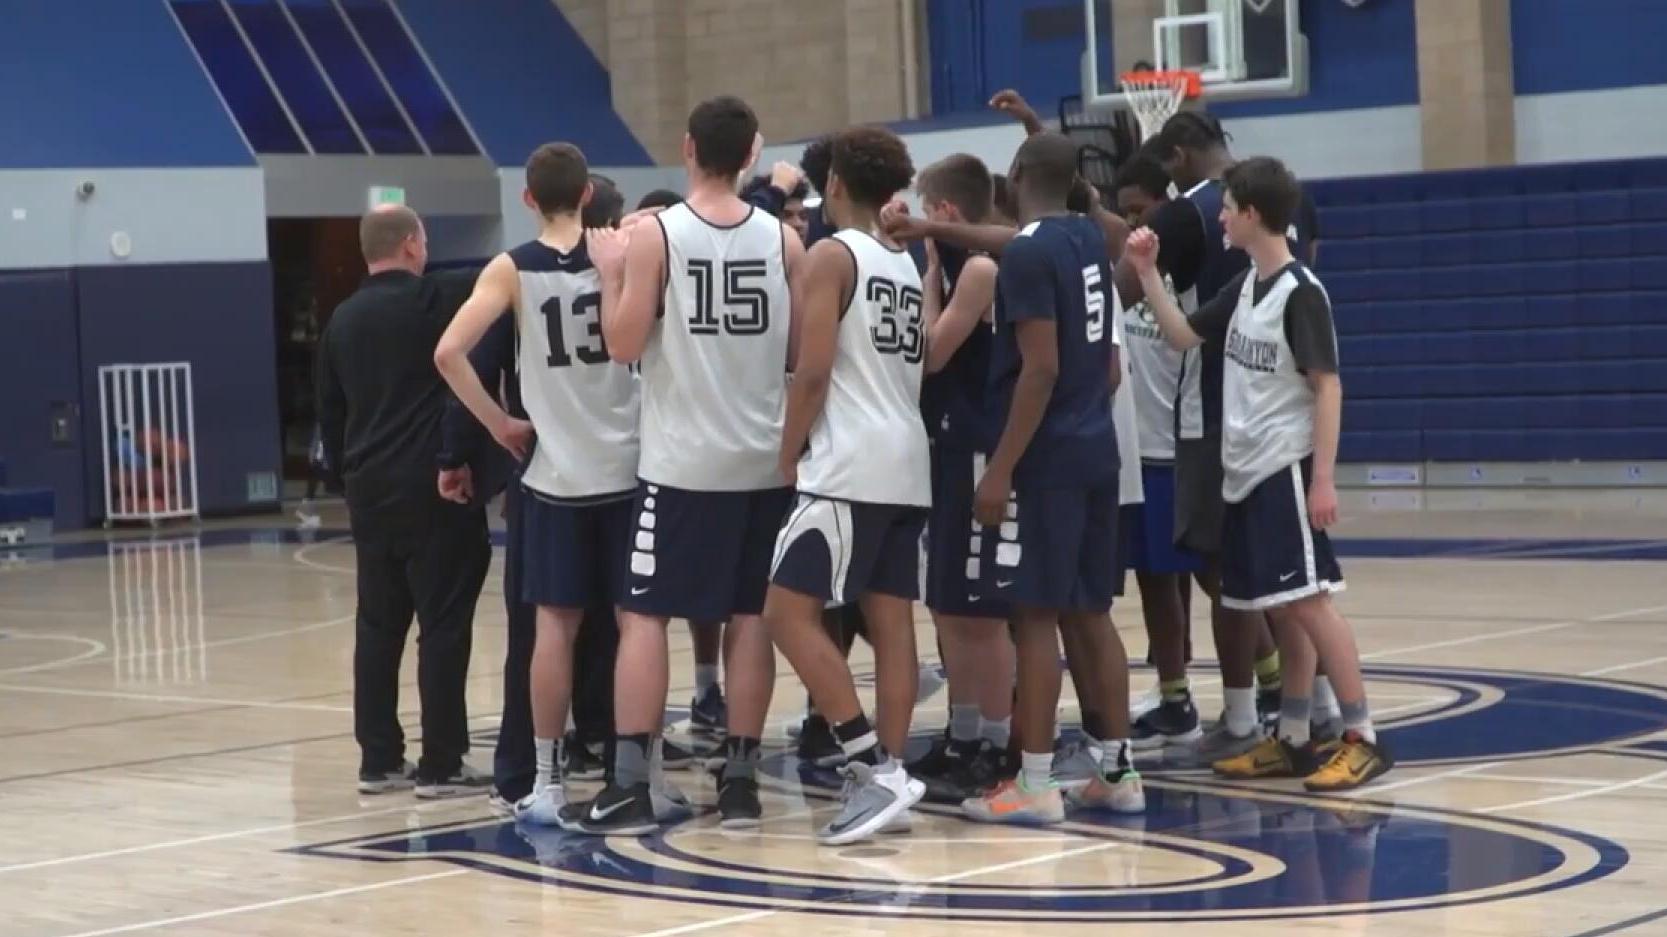 热血青春诠释篮球 美国高中联赛震撼纪录片